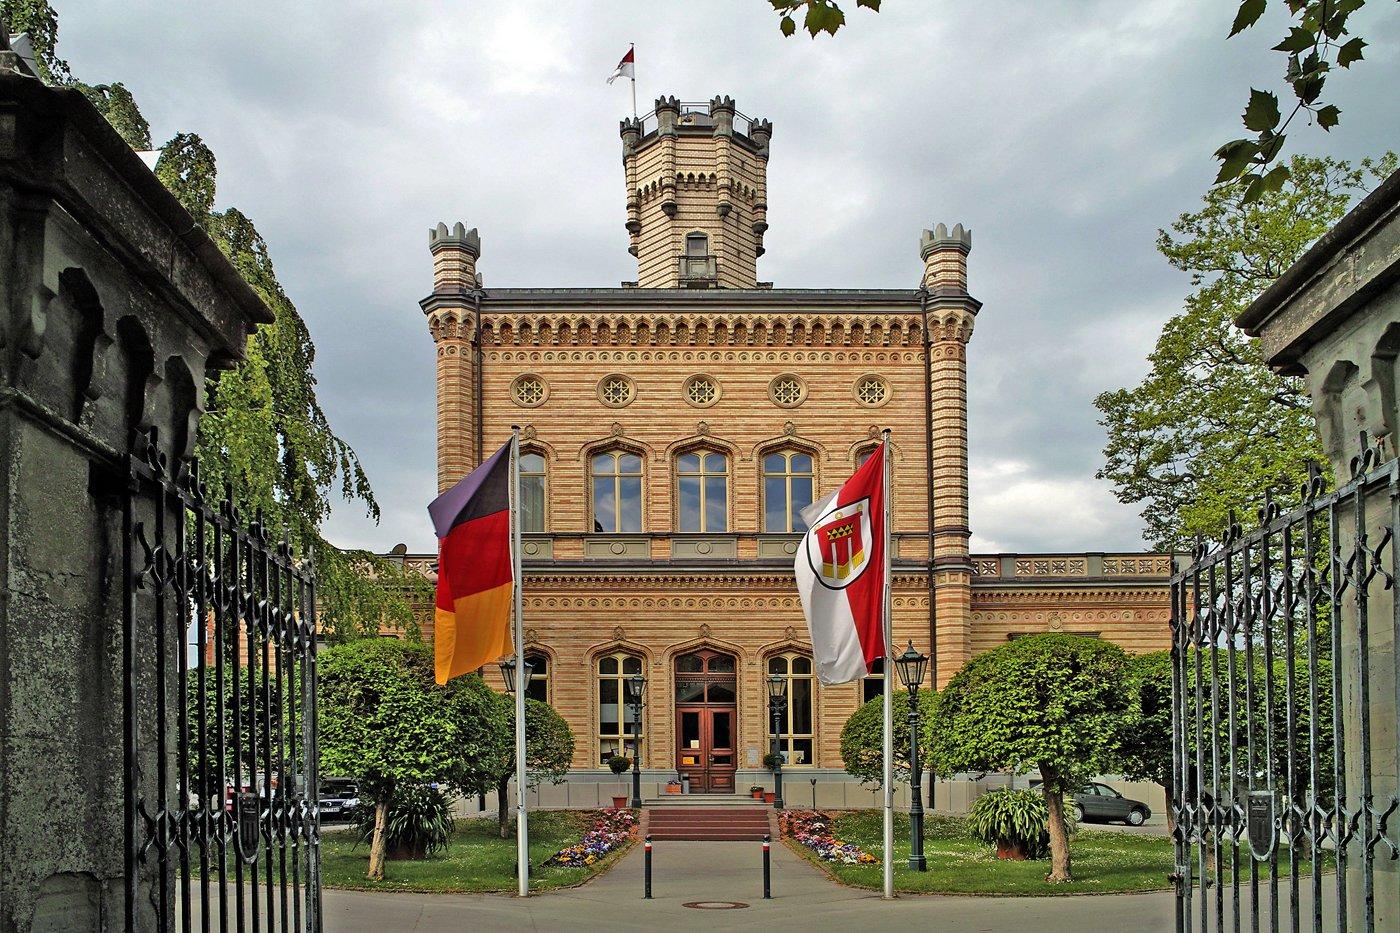 Das Schloss Montfort auf der kleinen Landzunge vor Langenargen, davor ein Fischernetz im Wasser.